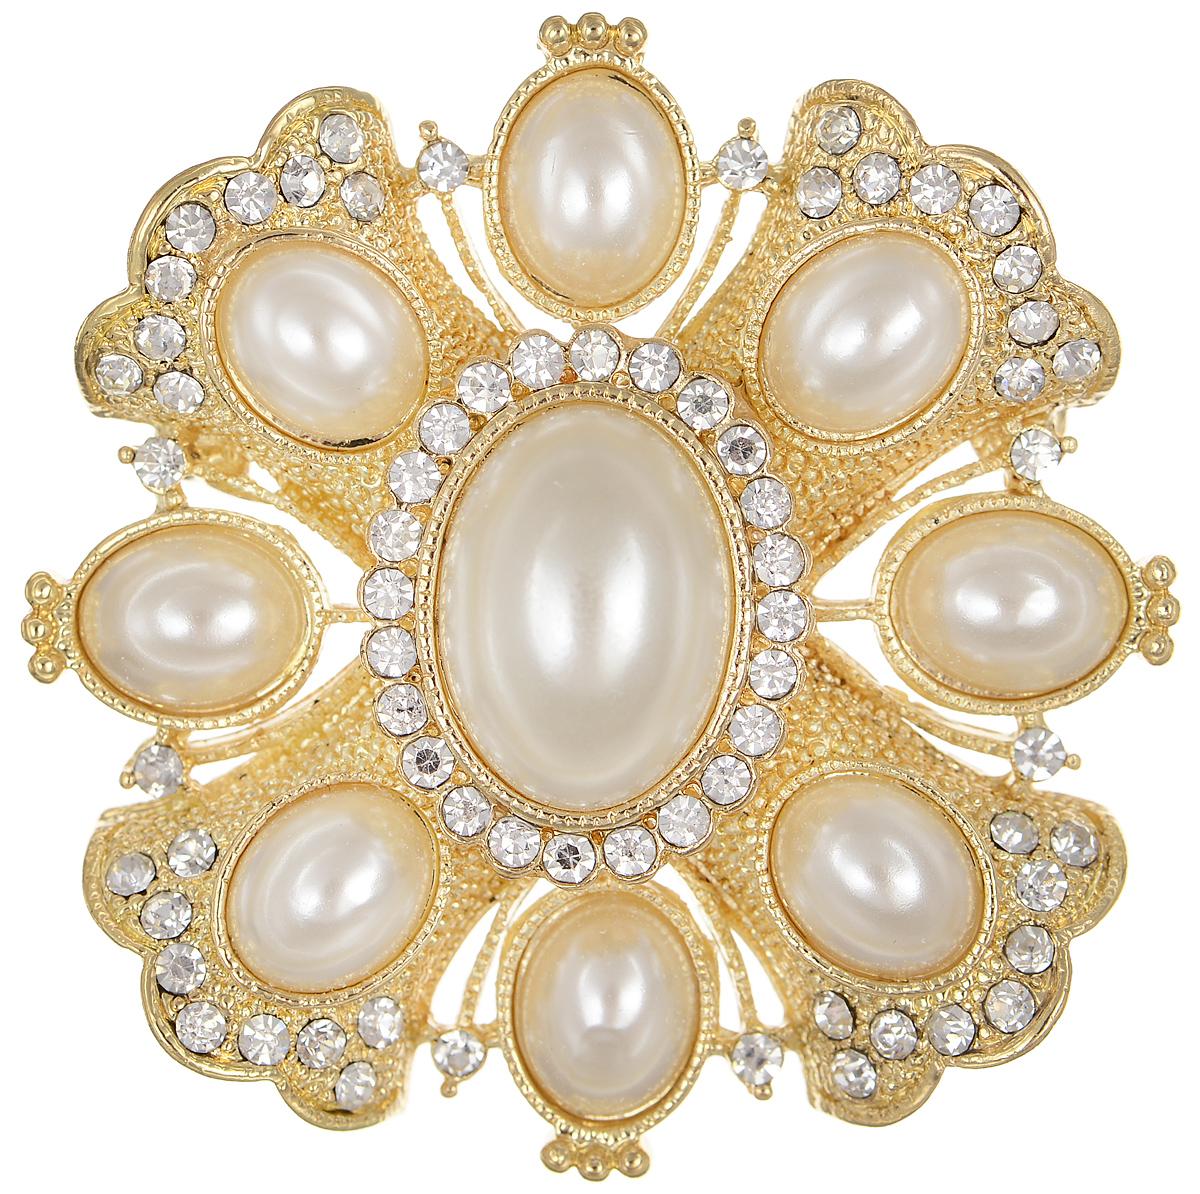 Брошь Selena Audrey, цвет: золотистый, белый. 3002702030027020Роскошная брошь Selena Audrey изготовлена из латуни с золотистым покрытием. Брошь оформлена кристаллами Preciosa и вставками из искусственного жемчуга. Изделие крепится с помощью замка-булавки. Такая брошь позволит вам с легкостью воплотить самую смелую фантазию и создать собственный неповторимый образ.